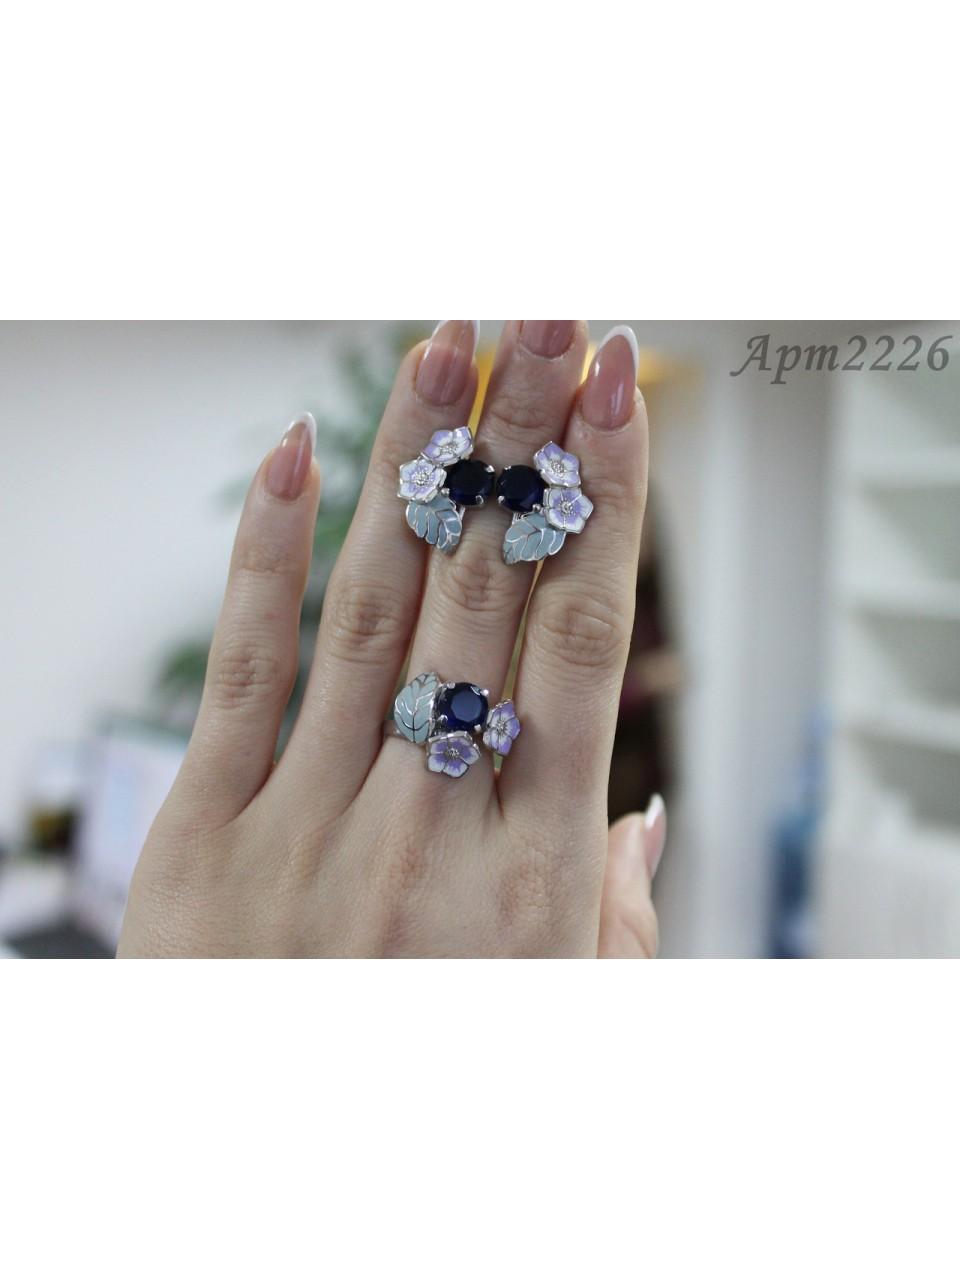 Серебряное кольцо Арт.2226